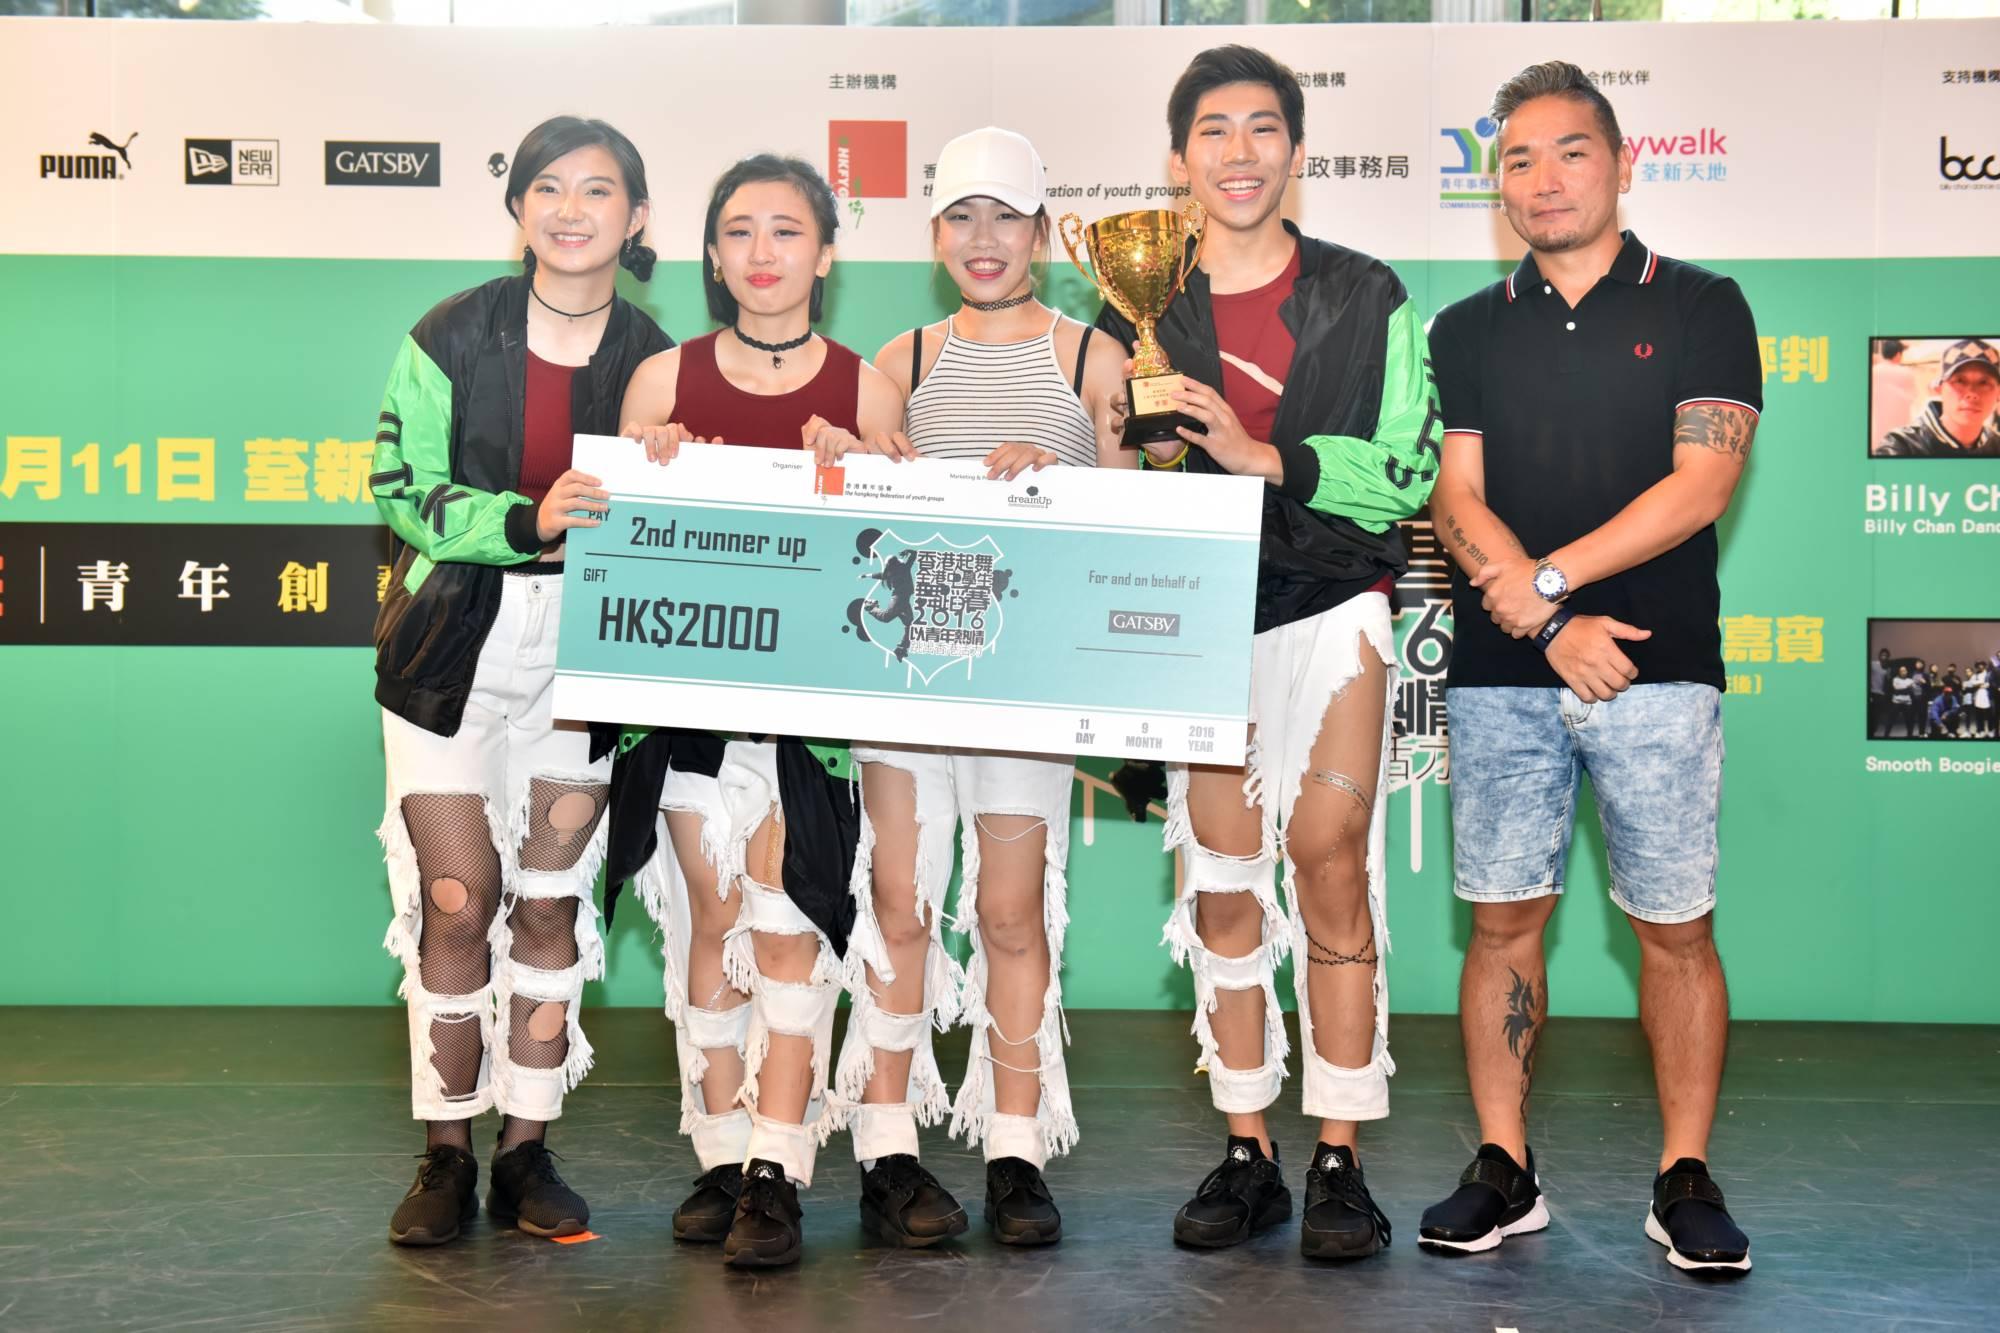 全港中學生舞蹈賽2016 得獎隊伍 (5)